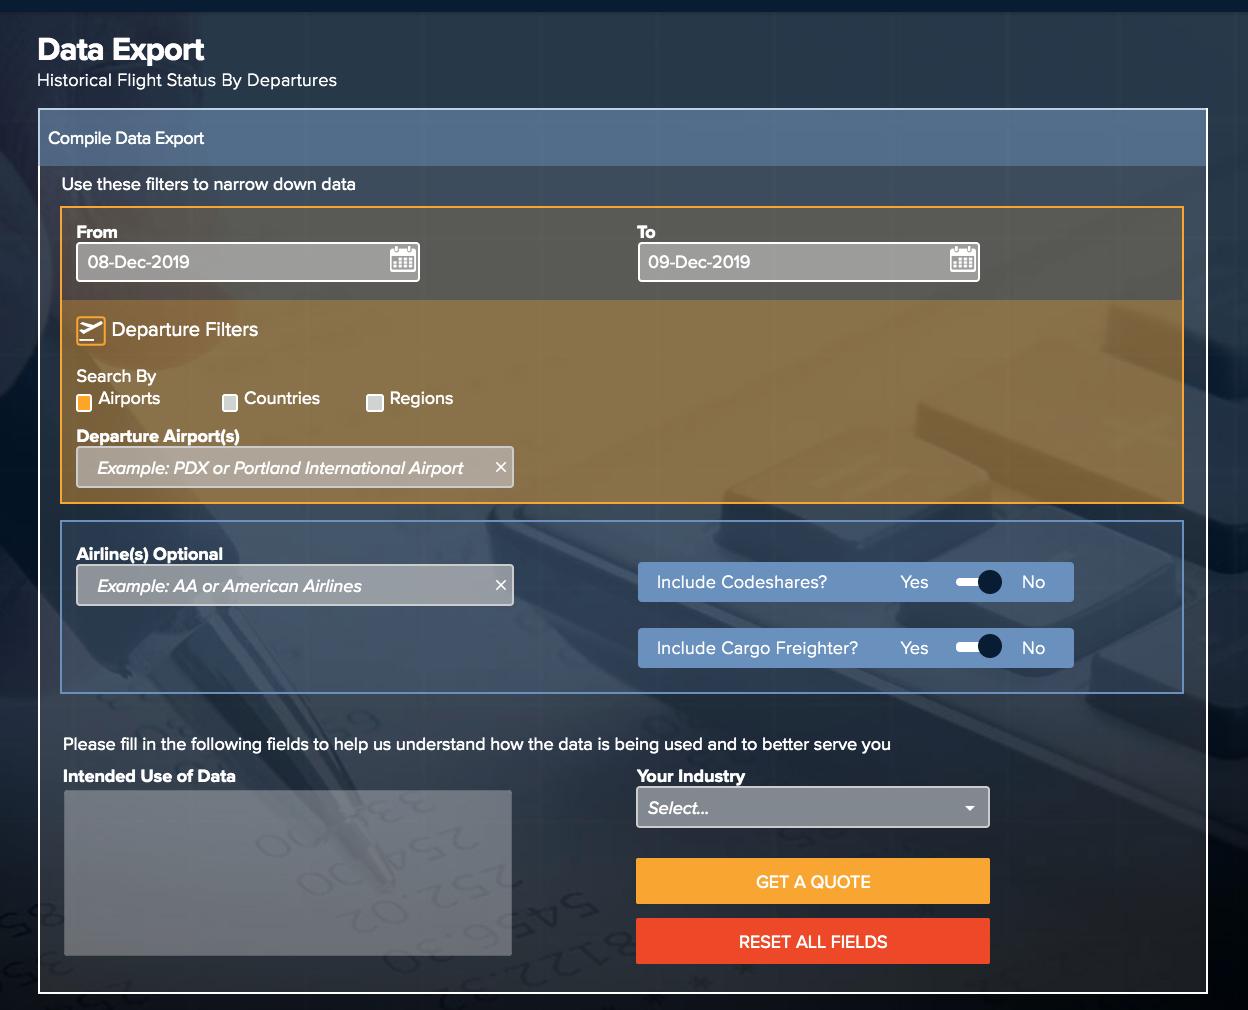 FlightStats by Cirium historical flight status data export